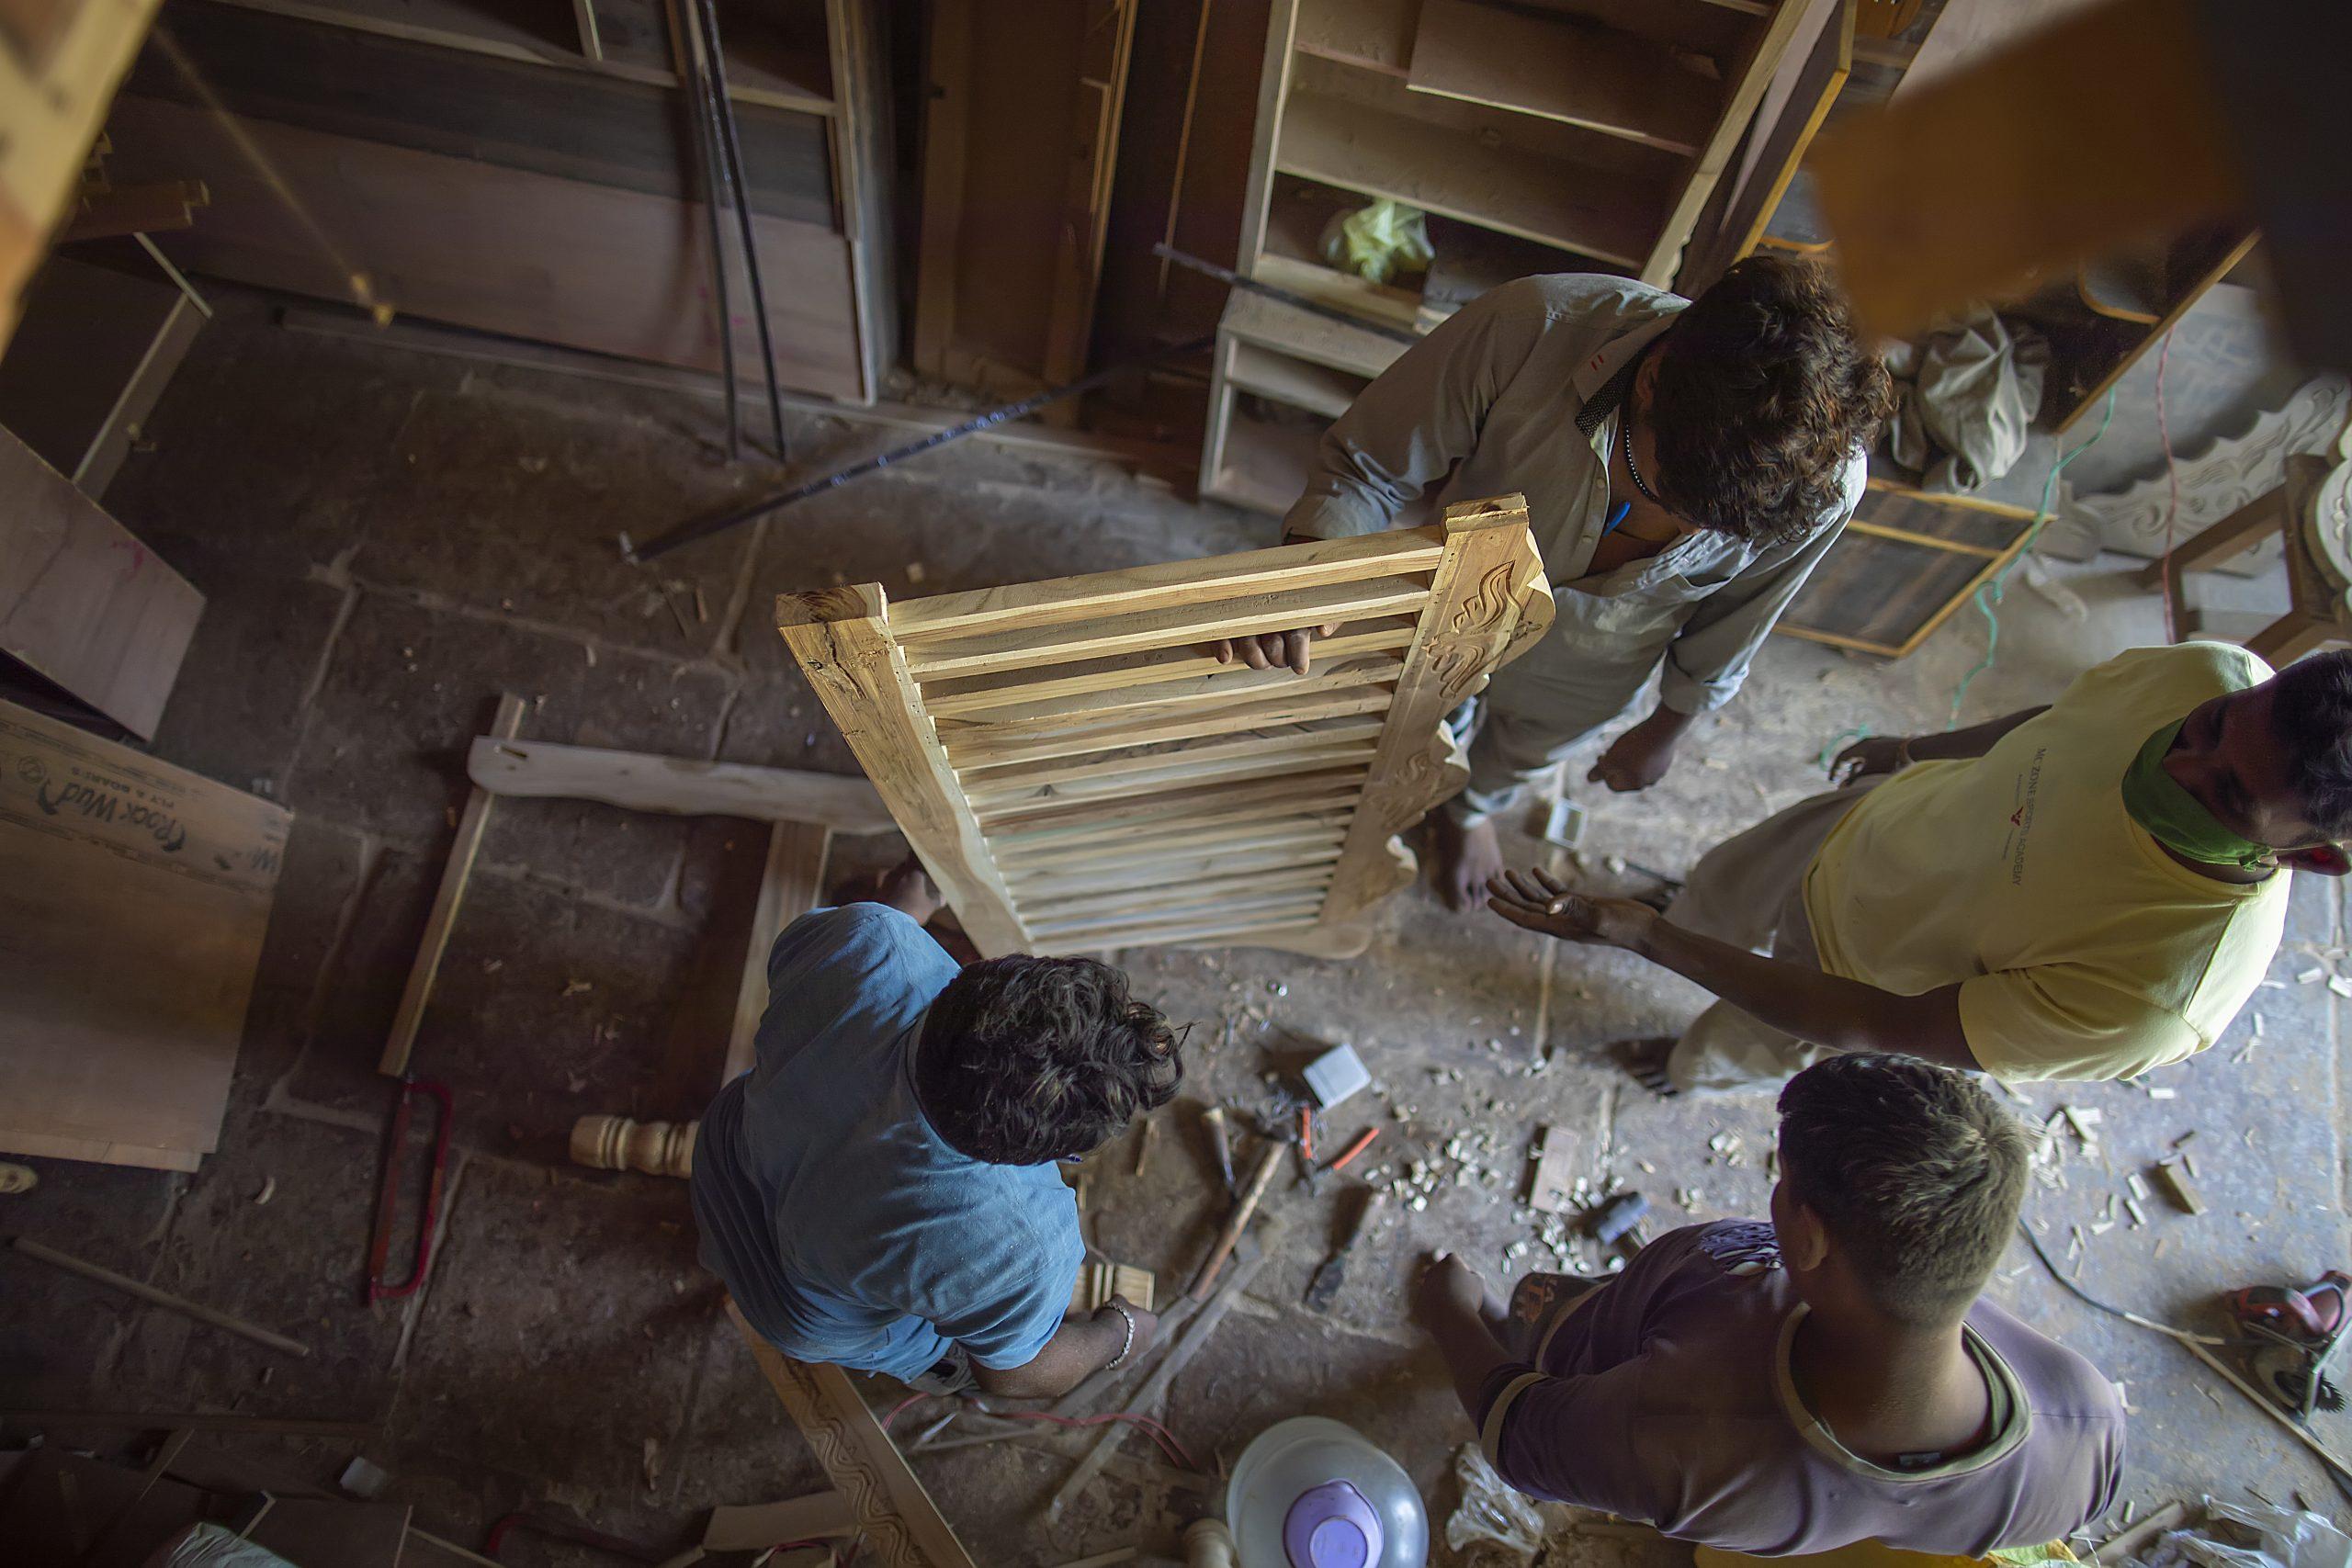 Carpenter work in a building